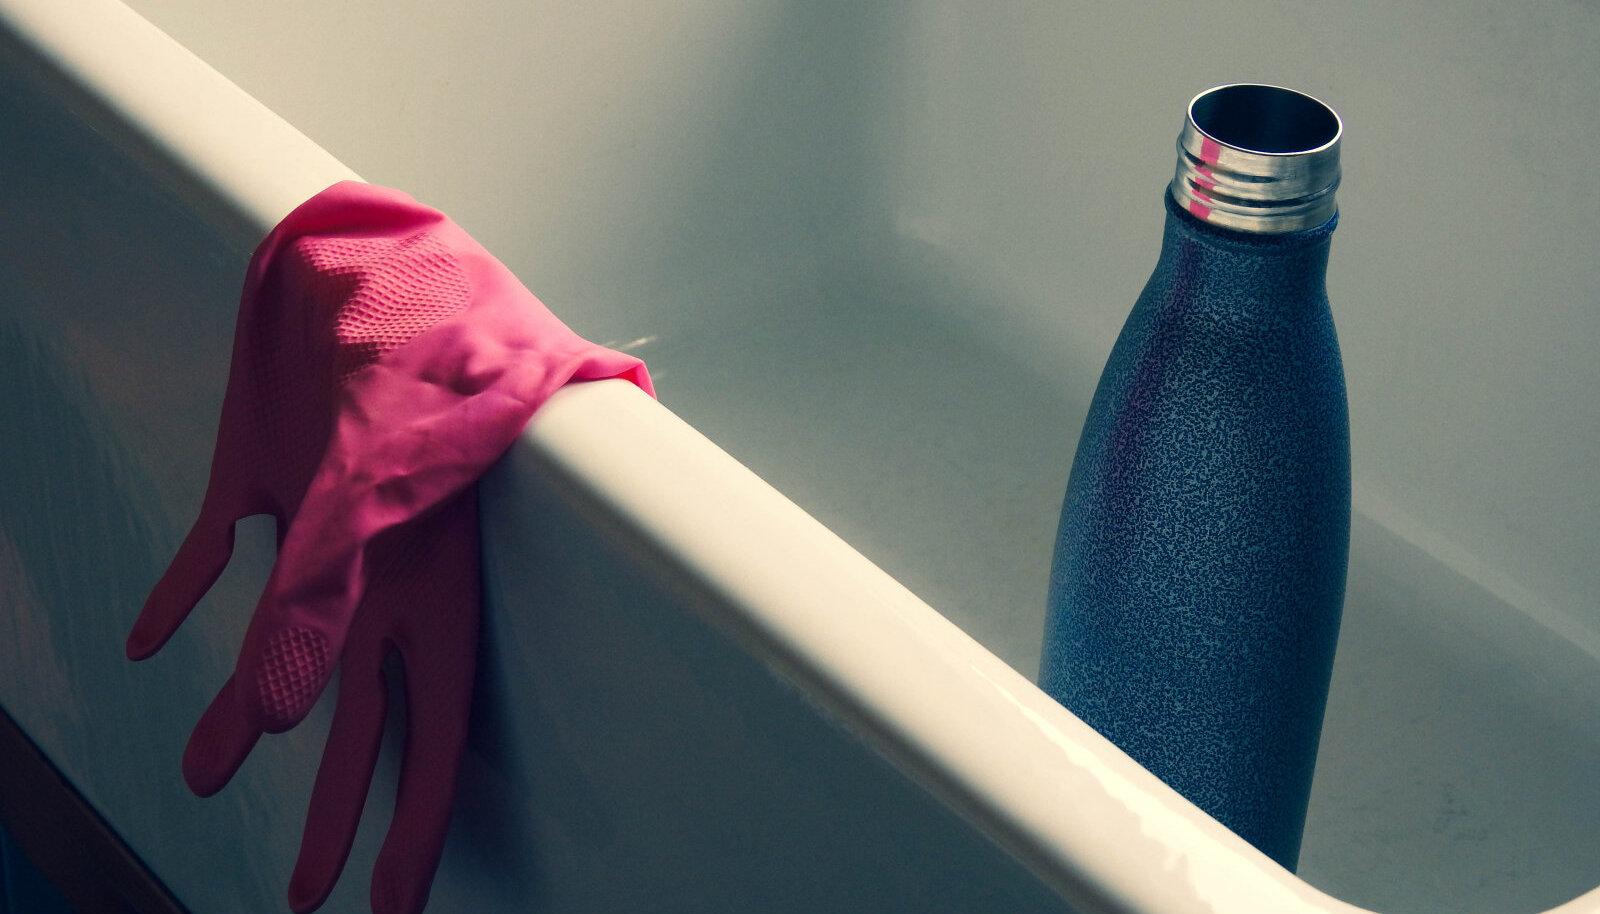 Ka korduvkasutatavat veepudelit tuleb puhastada